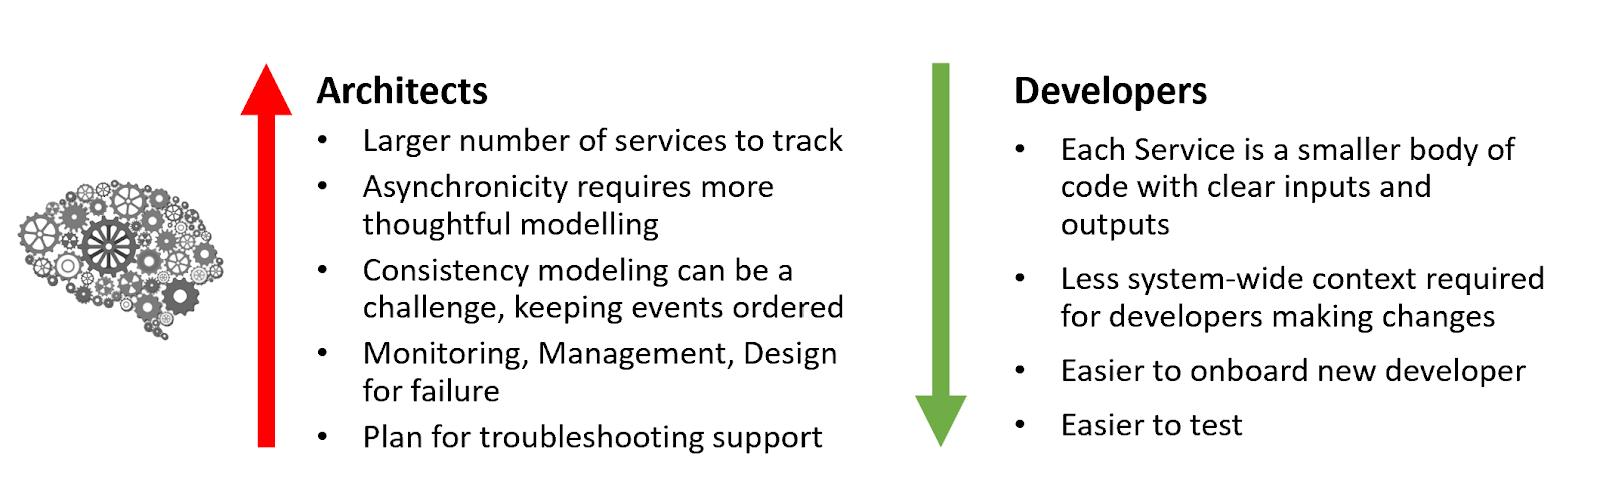 Architects vs Developers